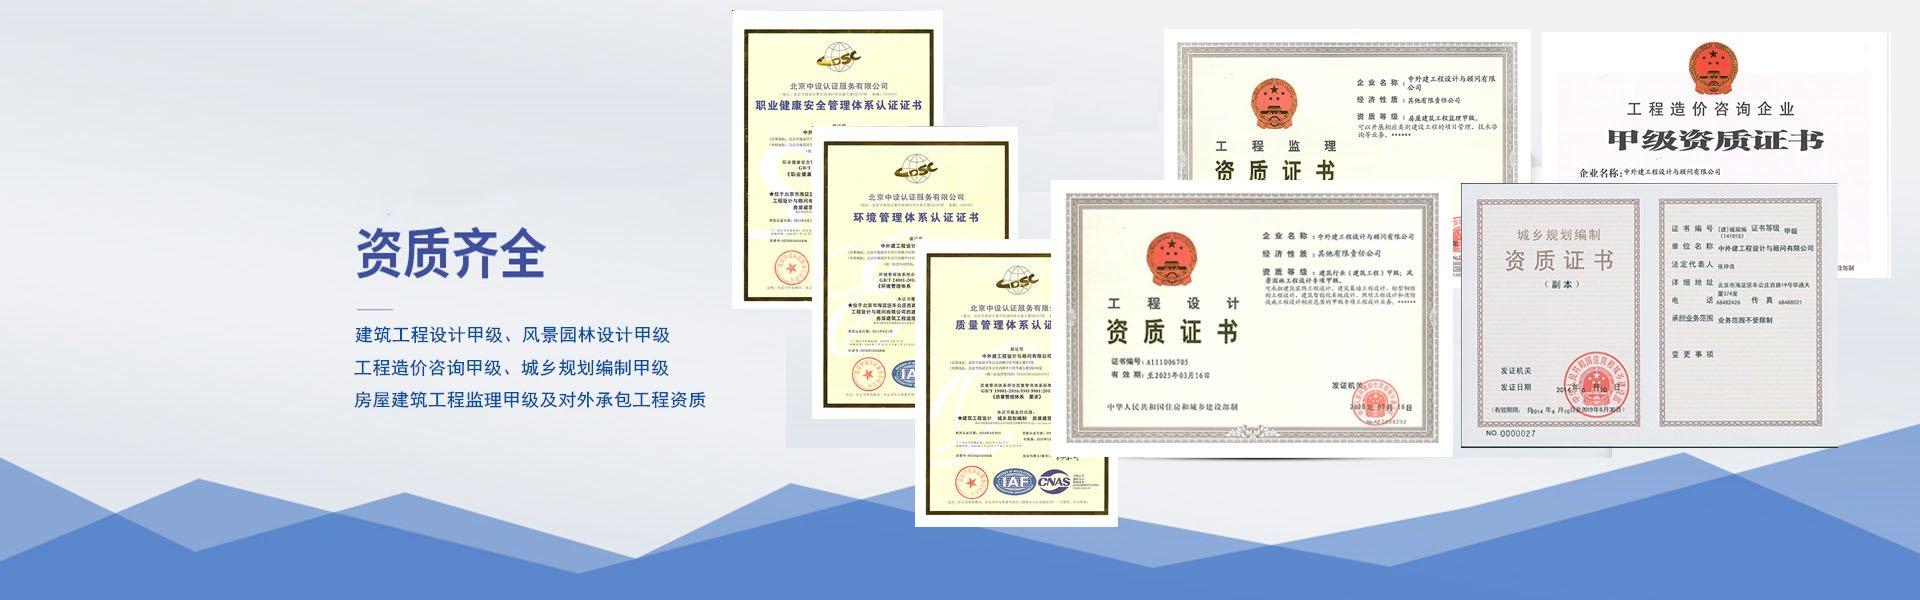 中外建实验室设计所拥有建筑行业齐全的各类甲级资质证书,实力有保证